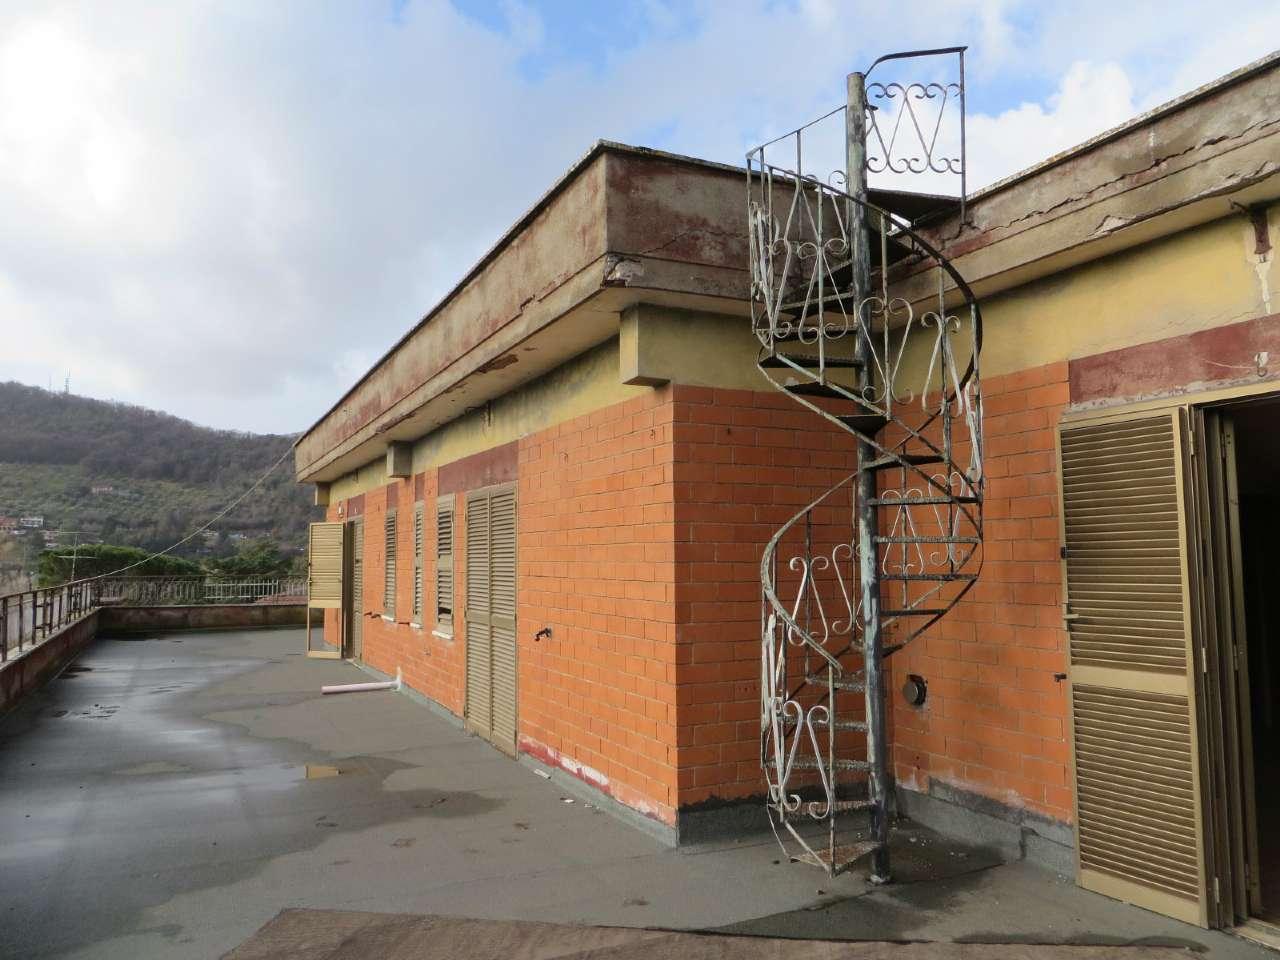 Attico / Mansarda in vendita a Castel Madama, 4 locali, prezzo € 67.000 | PortaleAgenzieImmobiliari.it